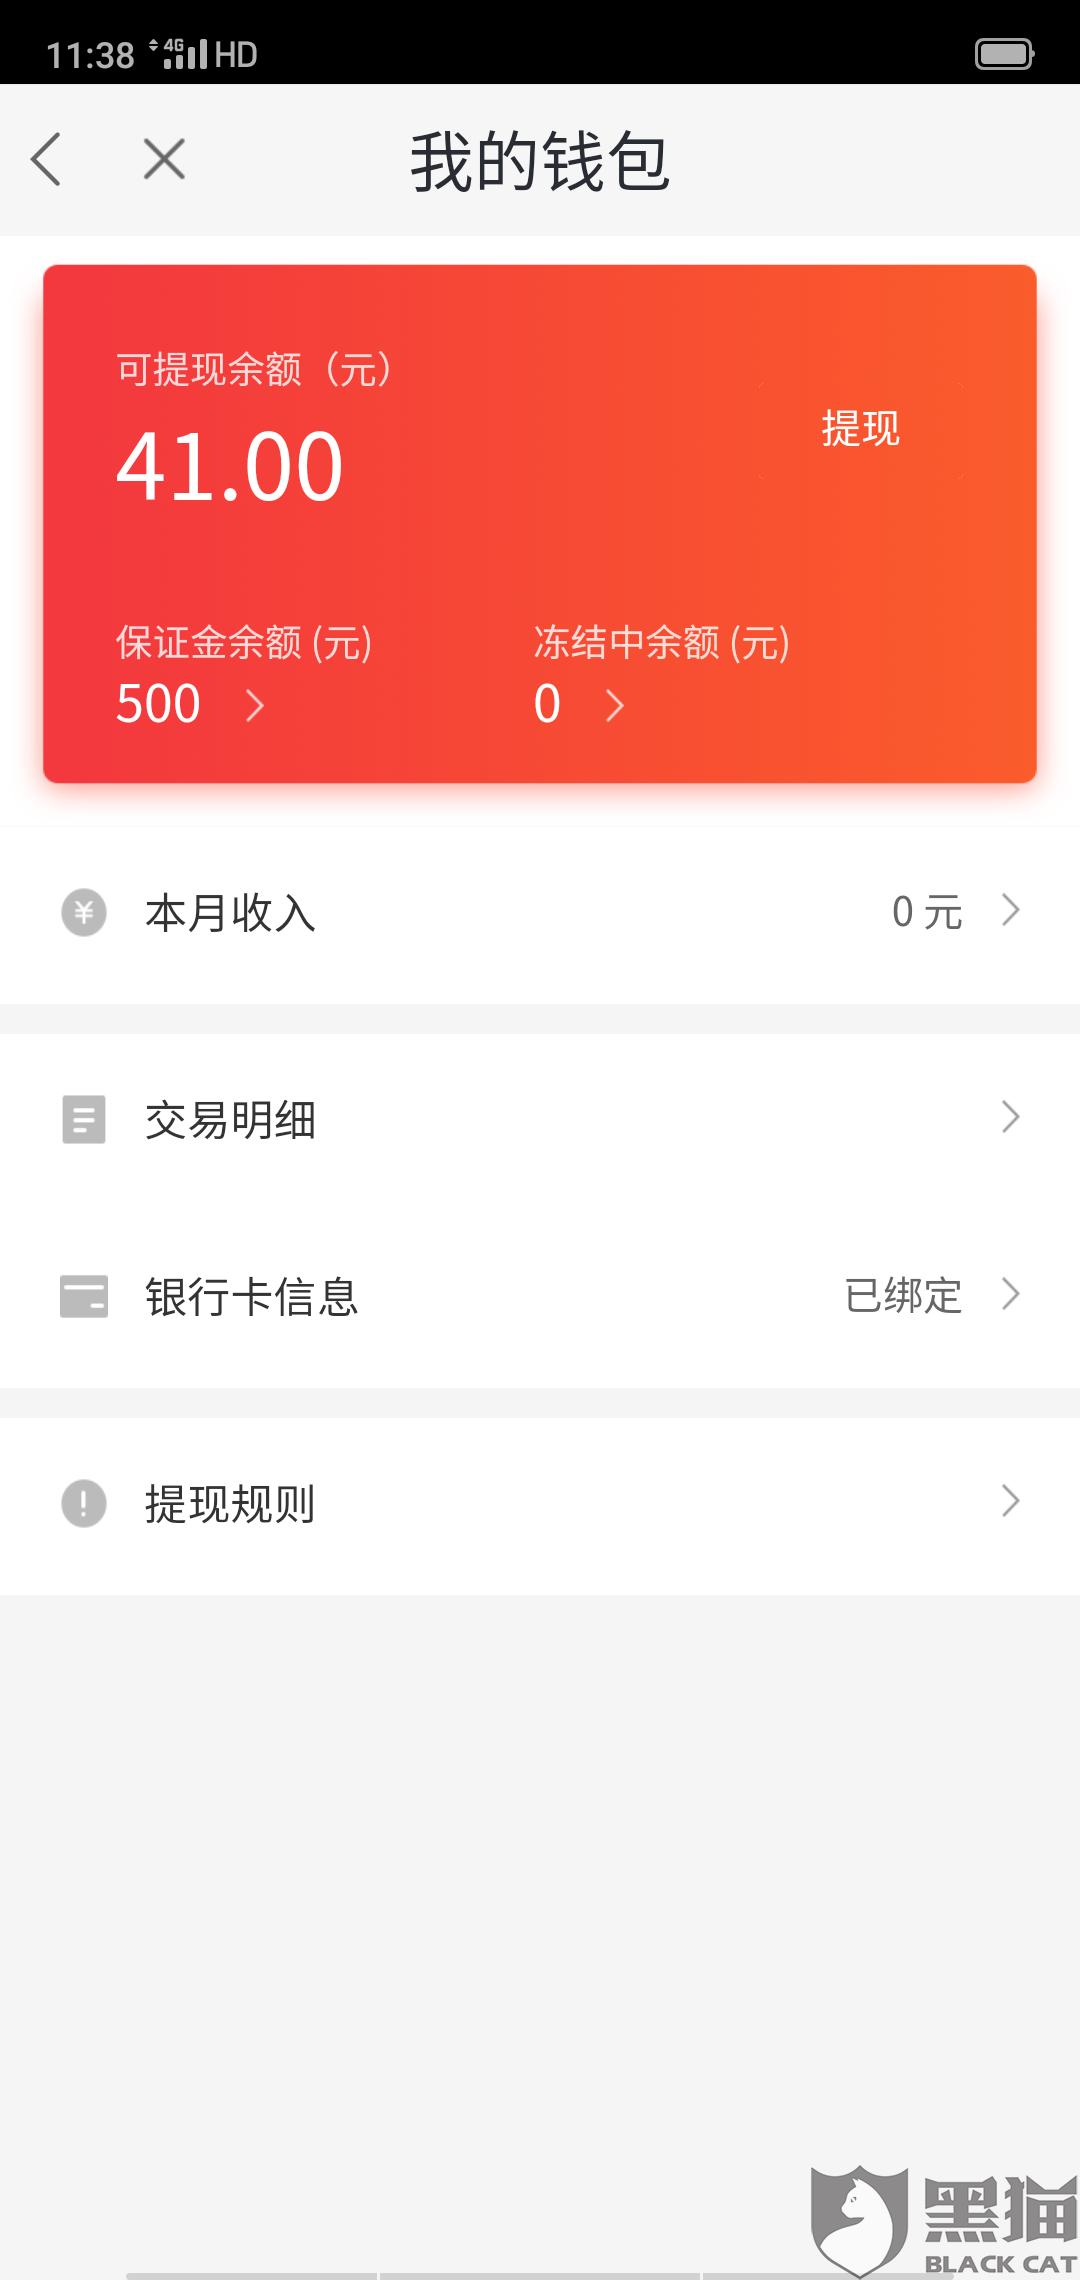 黑猫投诉:快狗打车深圳分公司用时2小时解决了消费者投诉